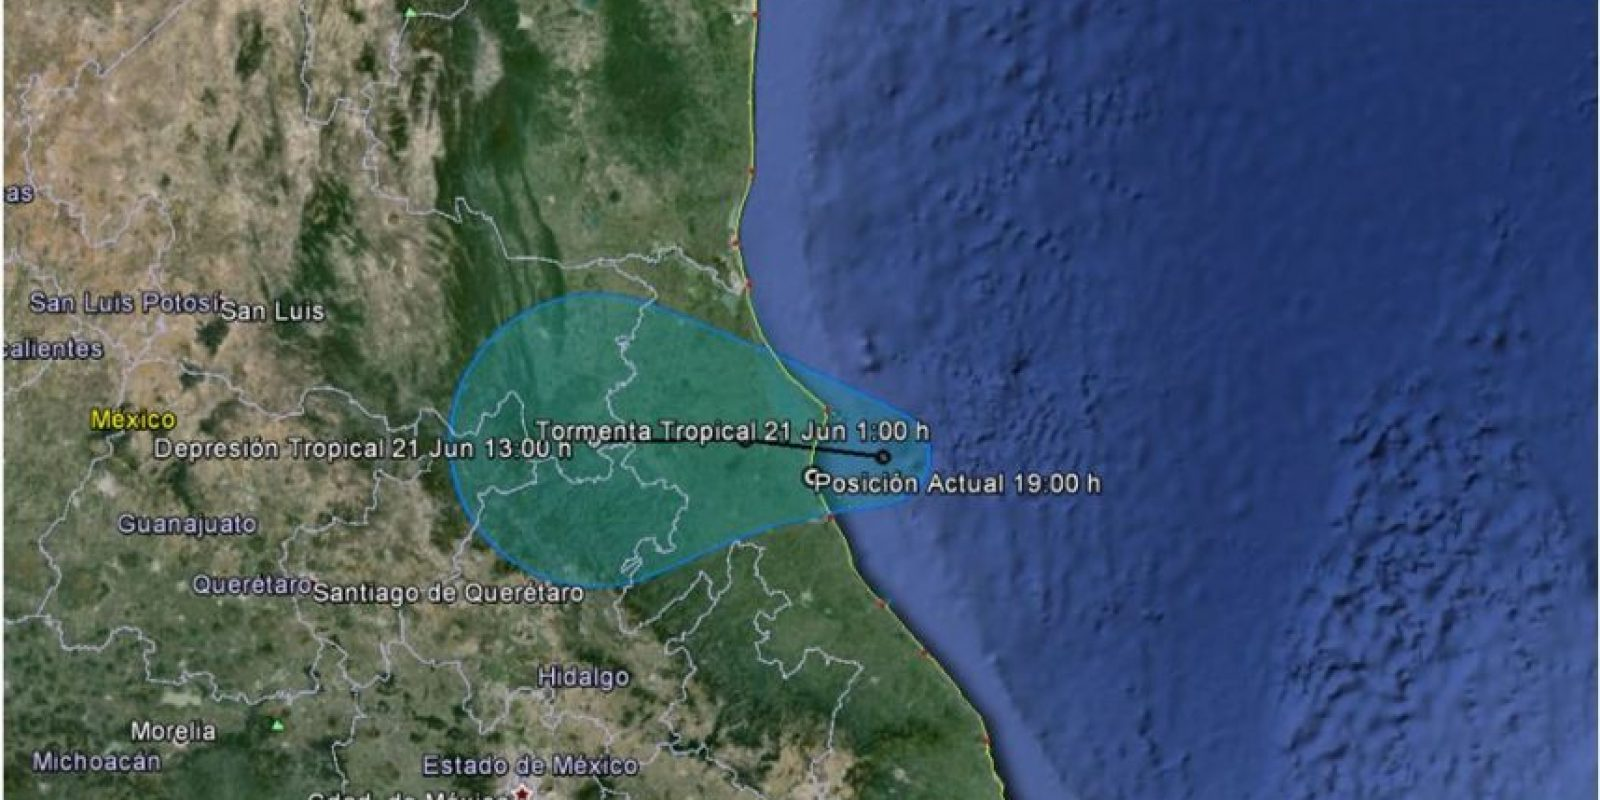 La tormenta seguirá avanzando por territorio nacional. Foto:Servicio Meteorológico Nacional